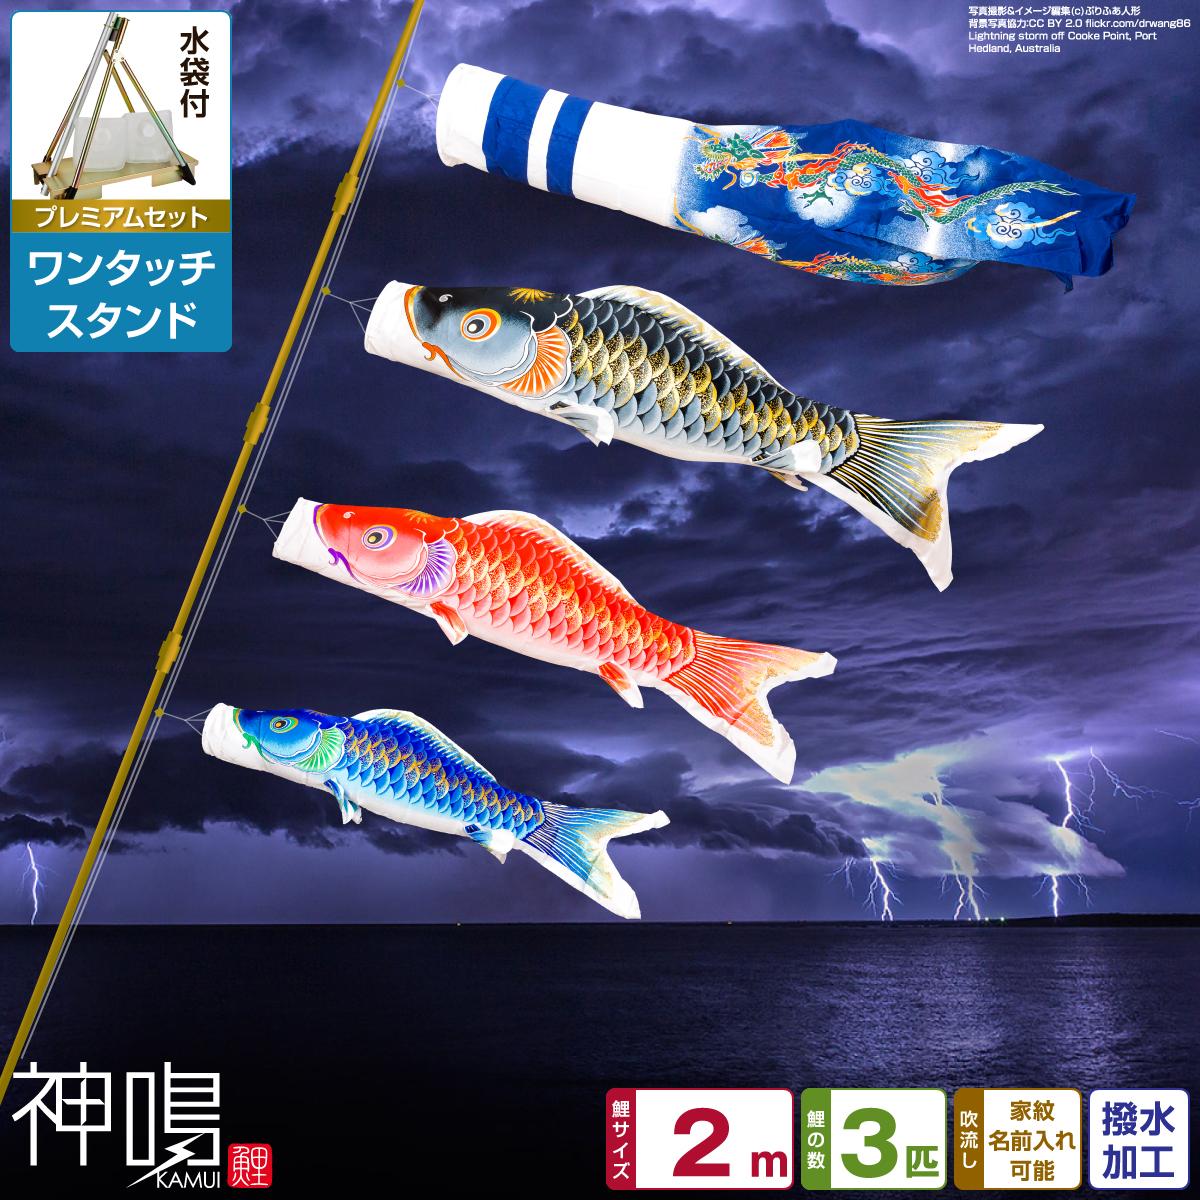 ベランダ用 鯉のぼり 神鳴鯉-KAMUI- 2m 6点(吹流し+鯉3匹+矢車+ロープ)/プレミアムセット(ワンタッチスタンド)